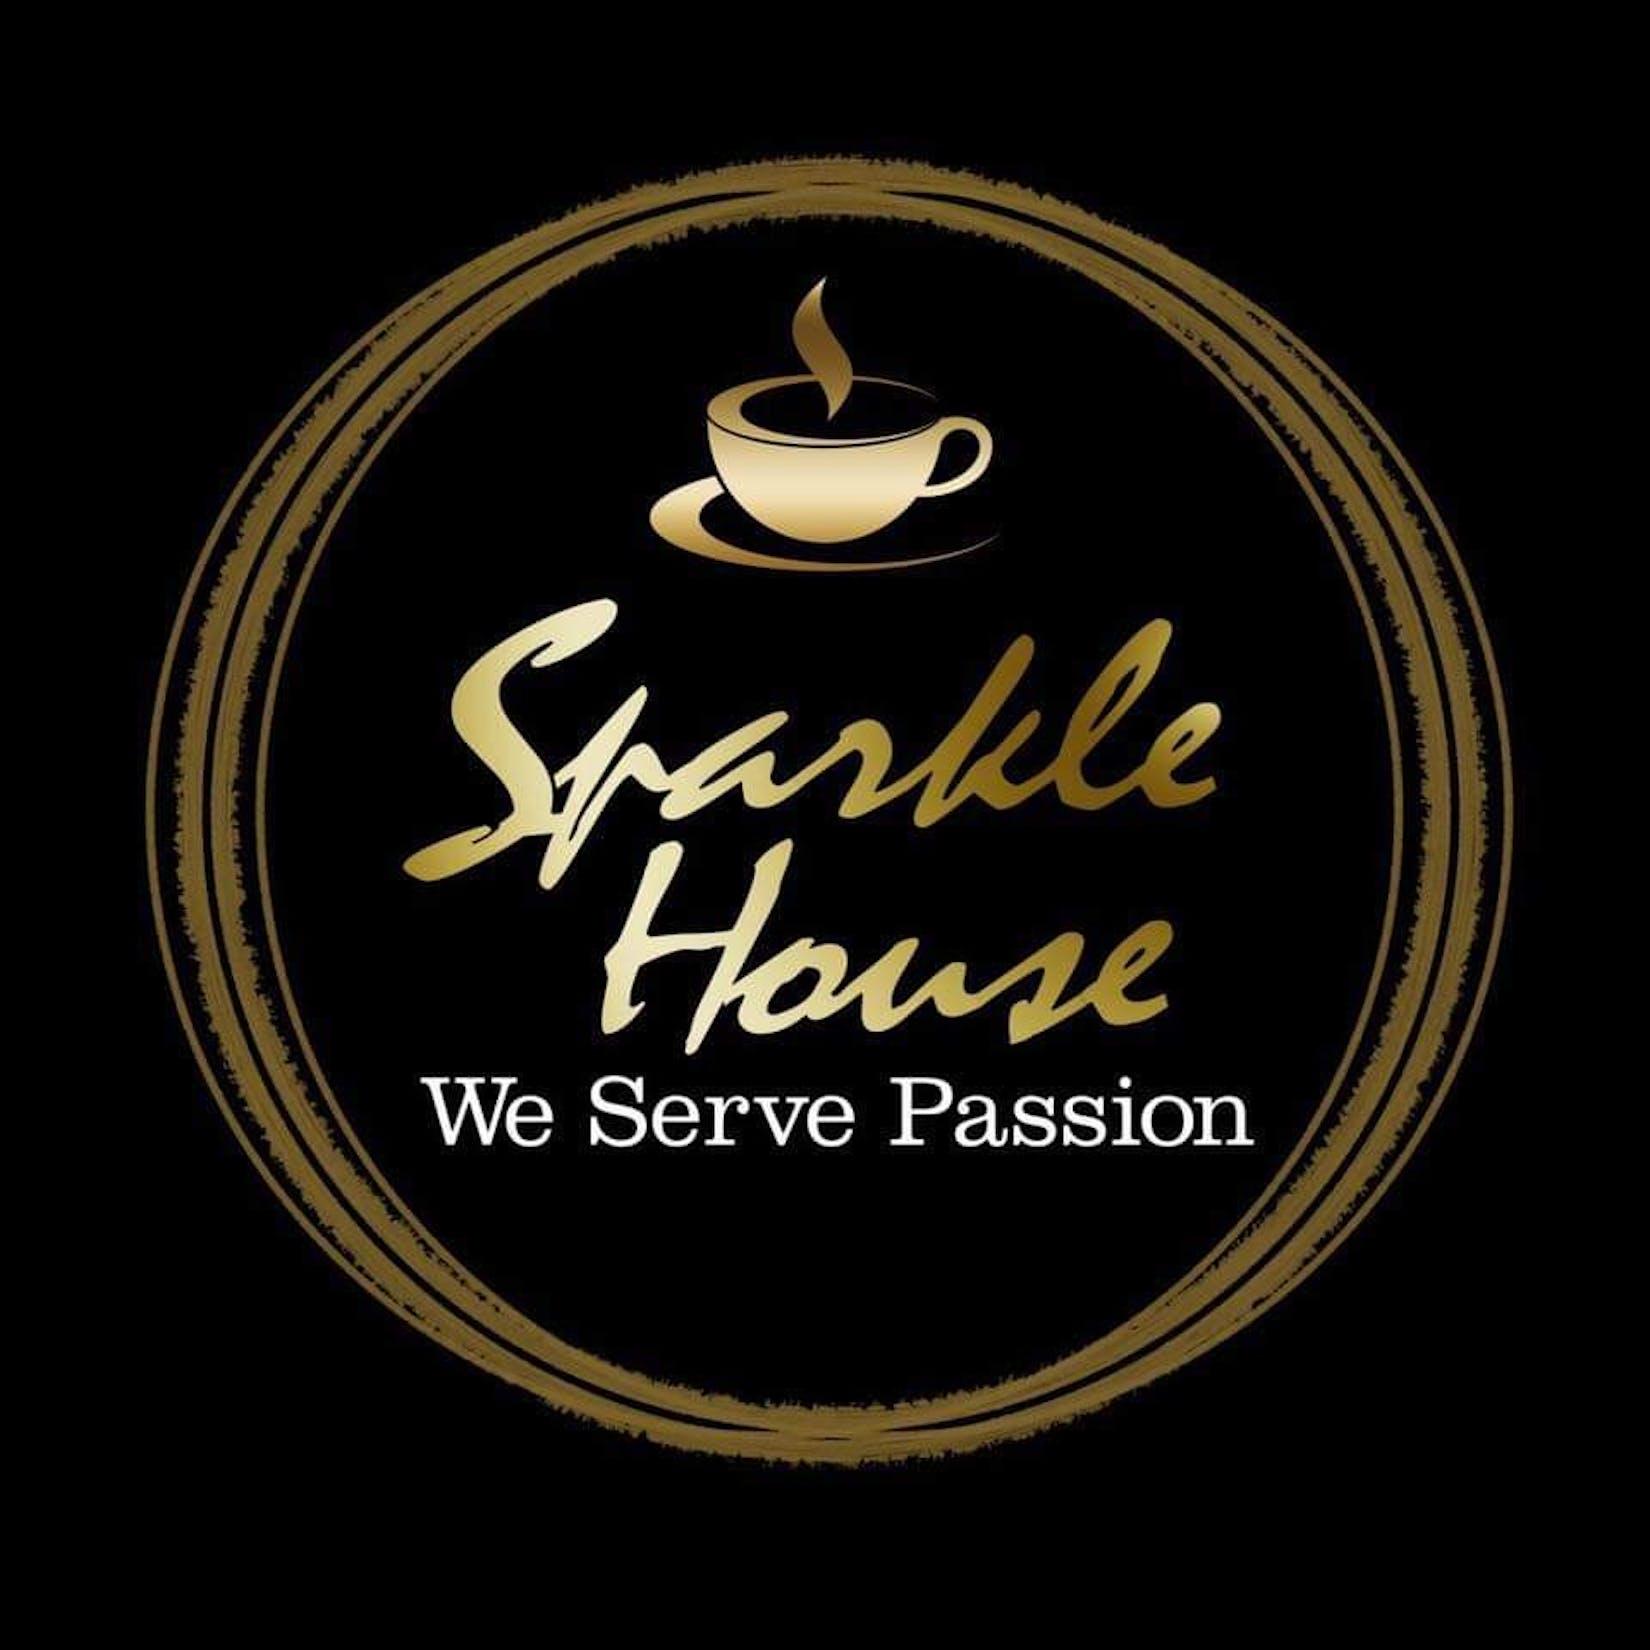 Sparkle House Cafe & Restaurant | yathar